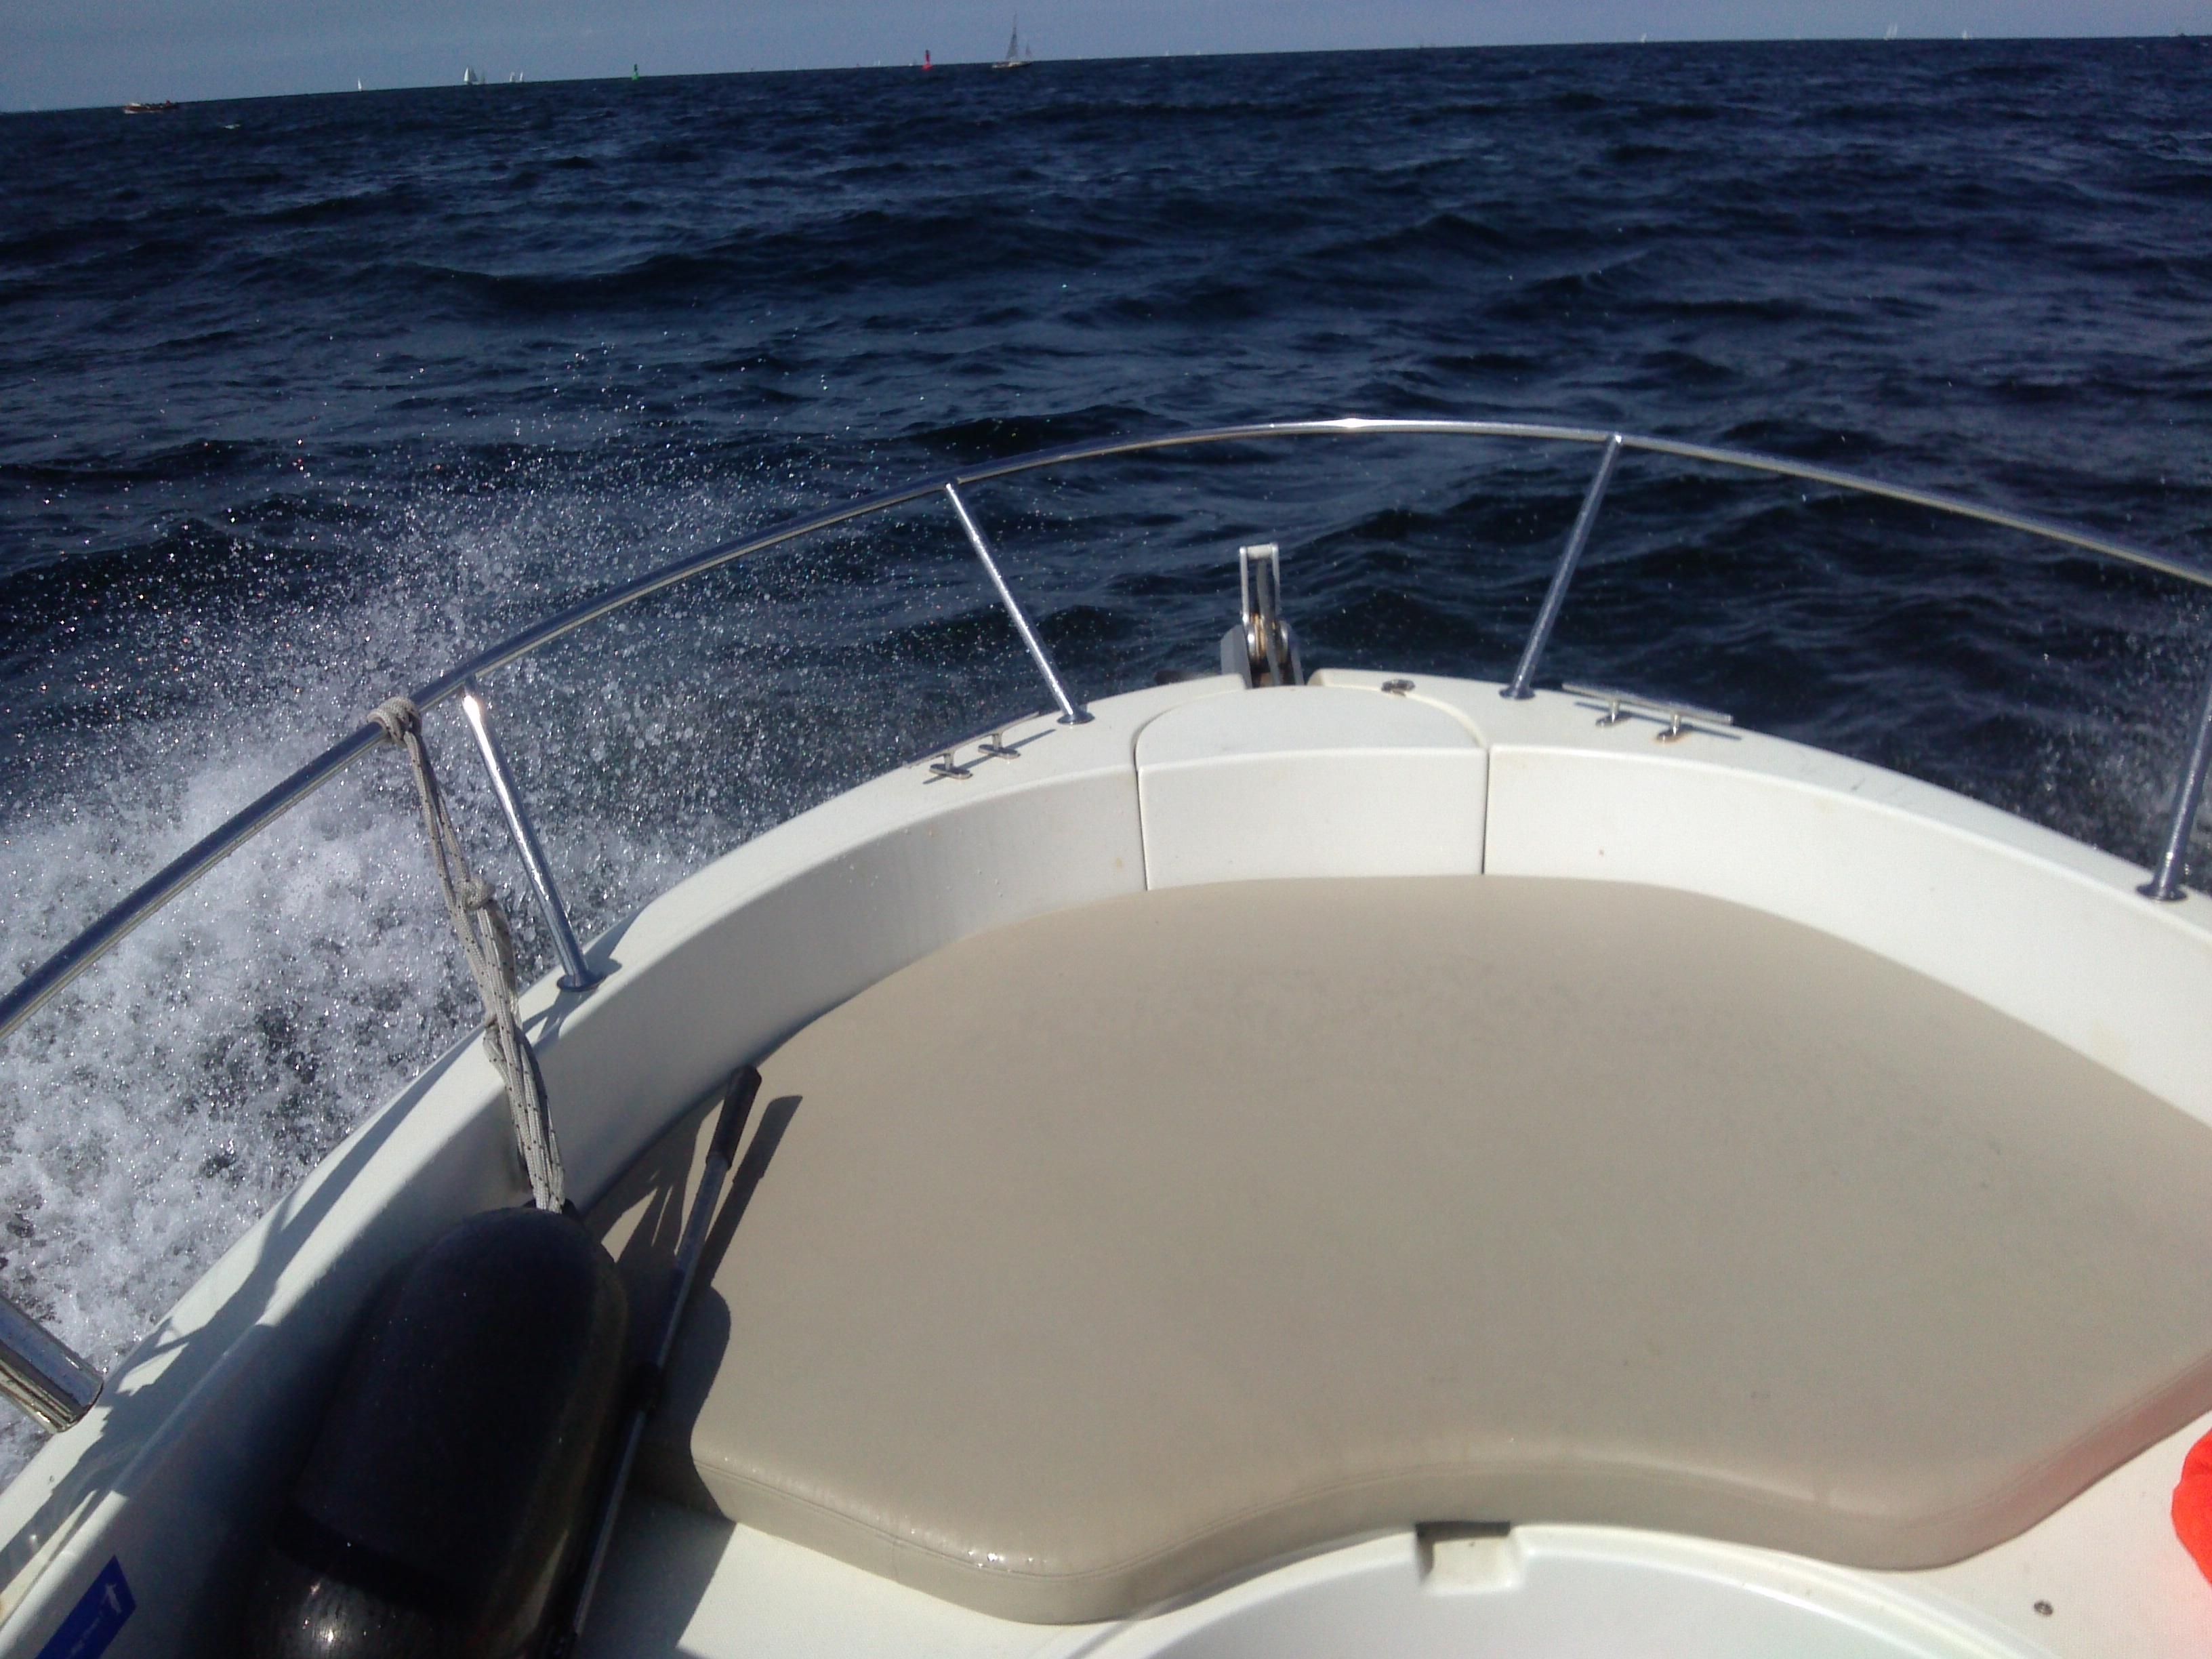 Fiskado - OWS 18.08.2018 057 - Ostseewassersport - Poseidon - angeltouren, ferienwohnungen, cutter-rides, bootsverleih, boat-charters, angelguiding